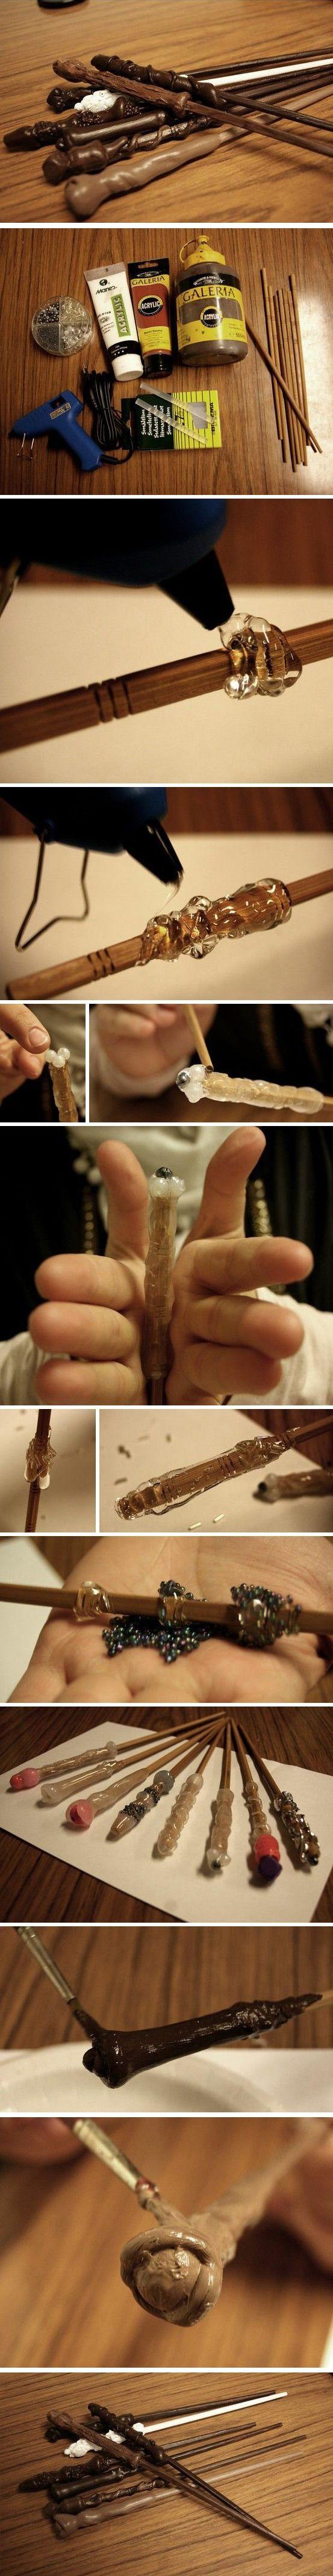 Магия праздника: 50 классных идей для вечеринки в стиле Гарри Поттера - Ярмарка Мастеров - ручная работа, handmade